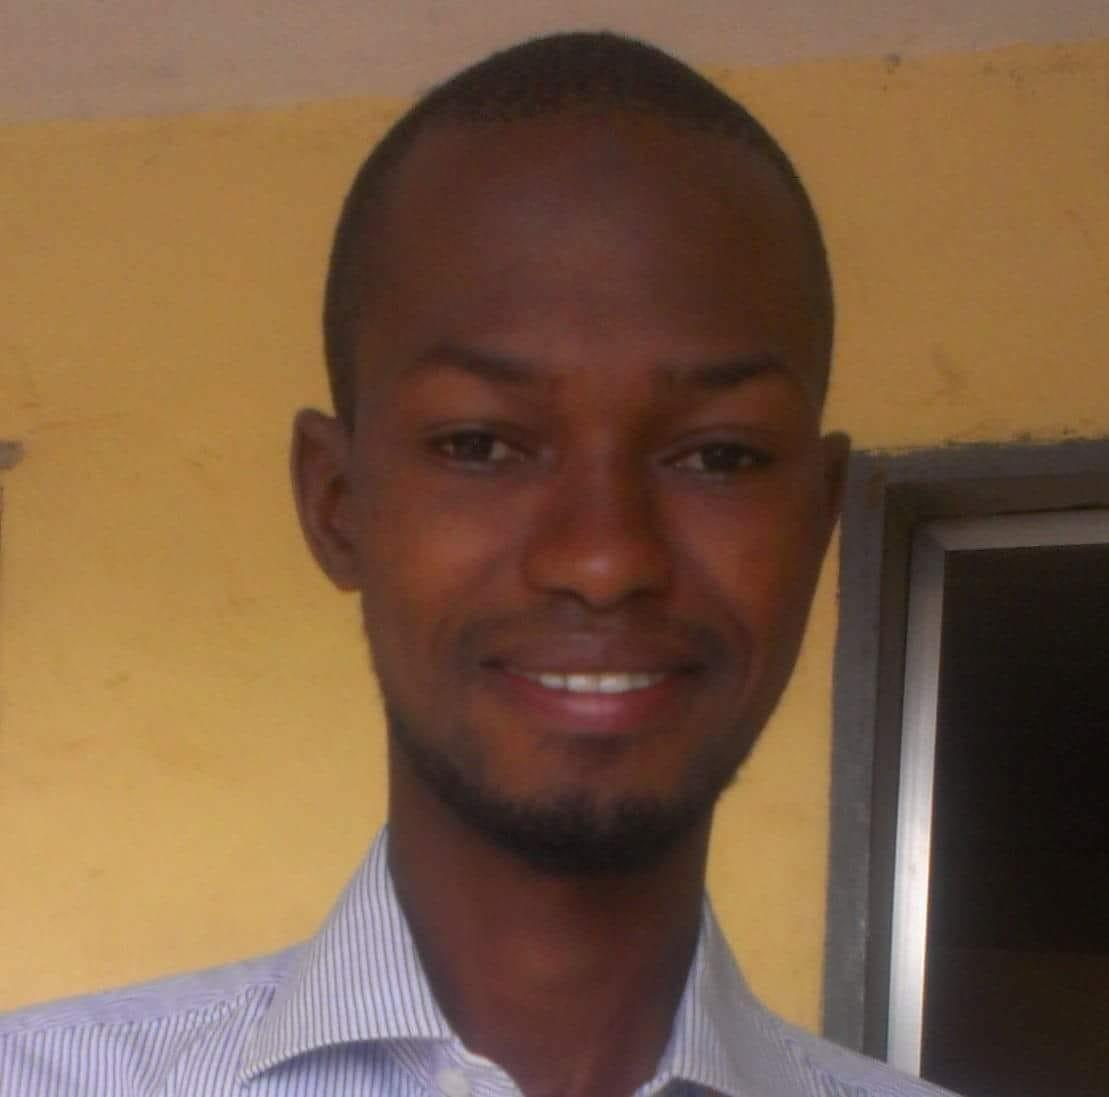 Les prouesses '' ou compétences'' de la justice sous le régime d'Alpha Condé (Par Maka N'Denda)